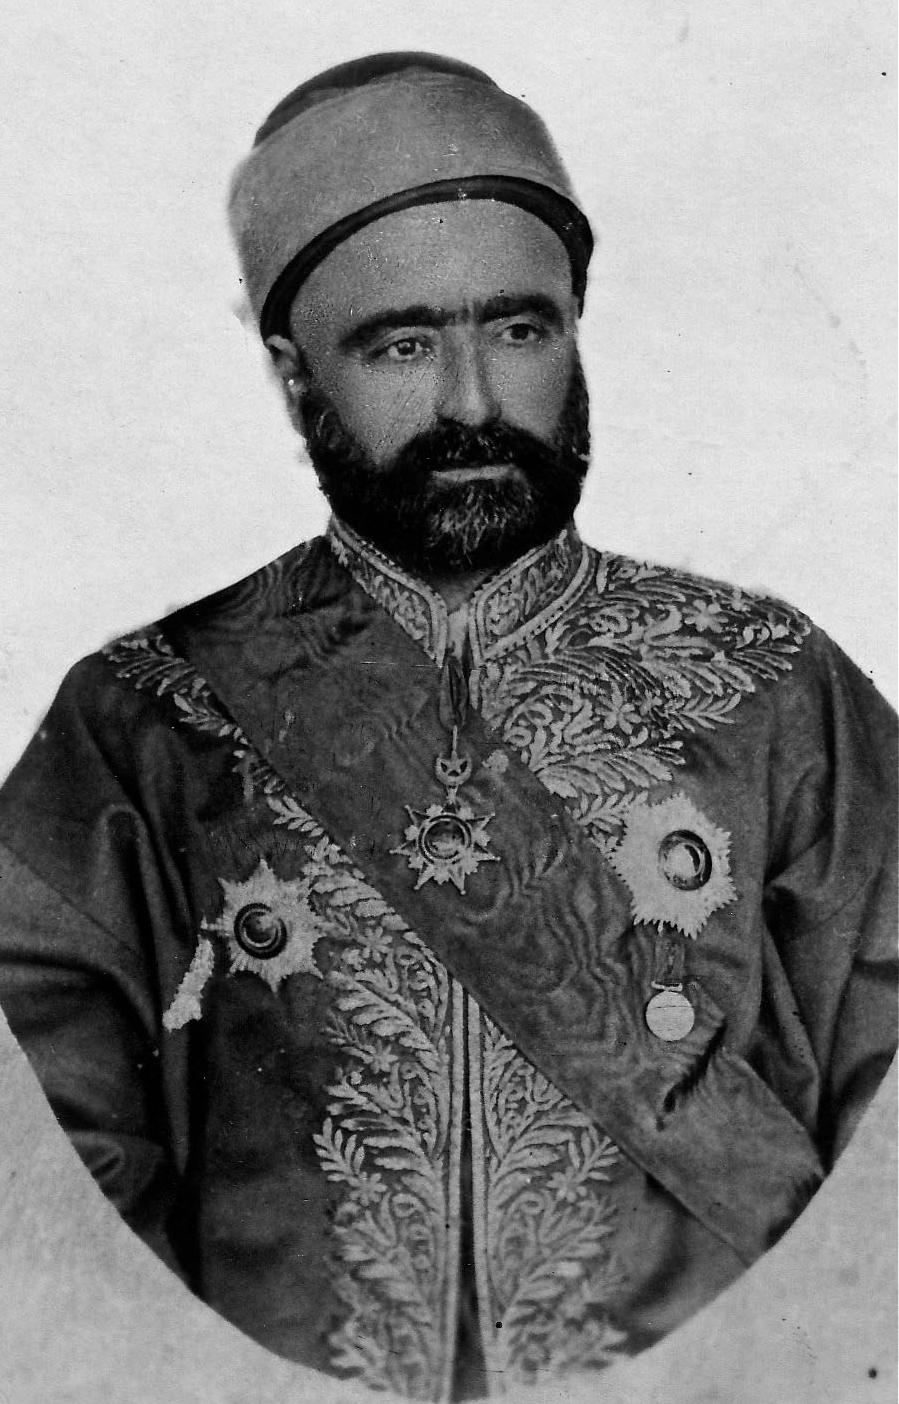 File:Rajab Al-Naqib.jpg - Wikimedia Commons